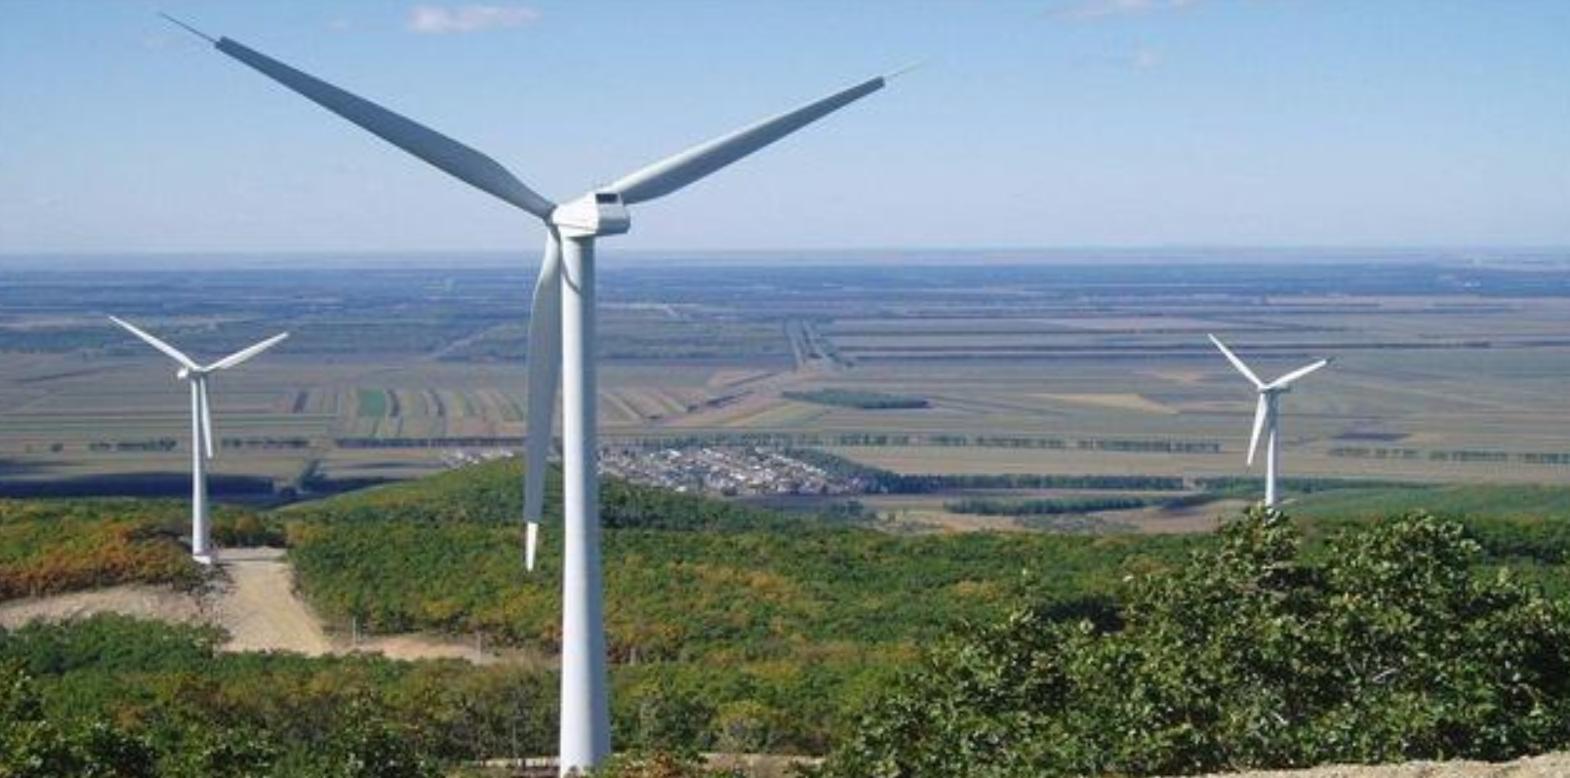 清洁能源风力发电机,转一圈可以发多少度电?可以赚多少钱?